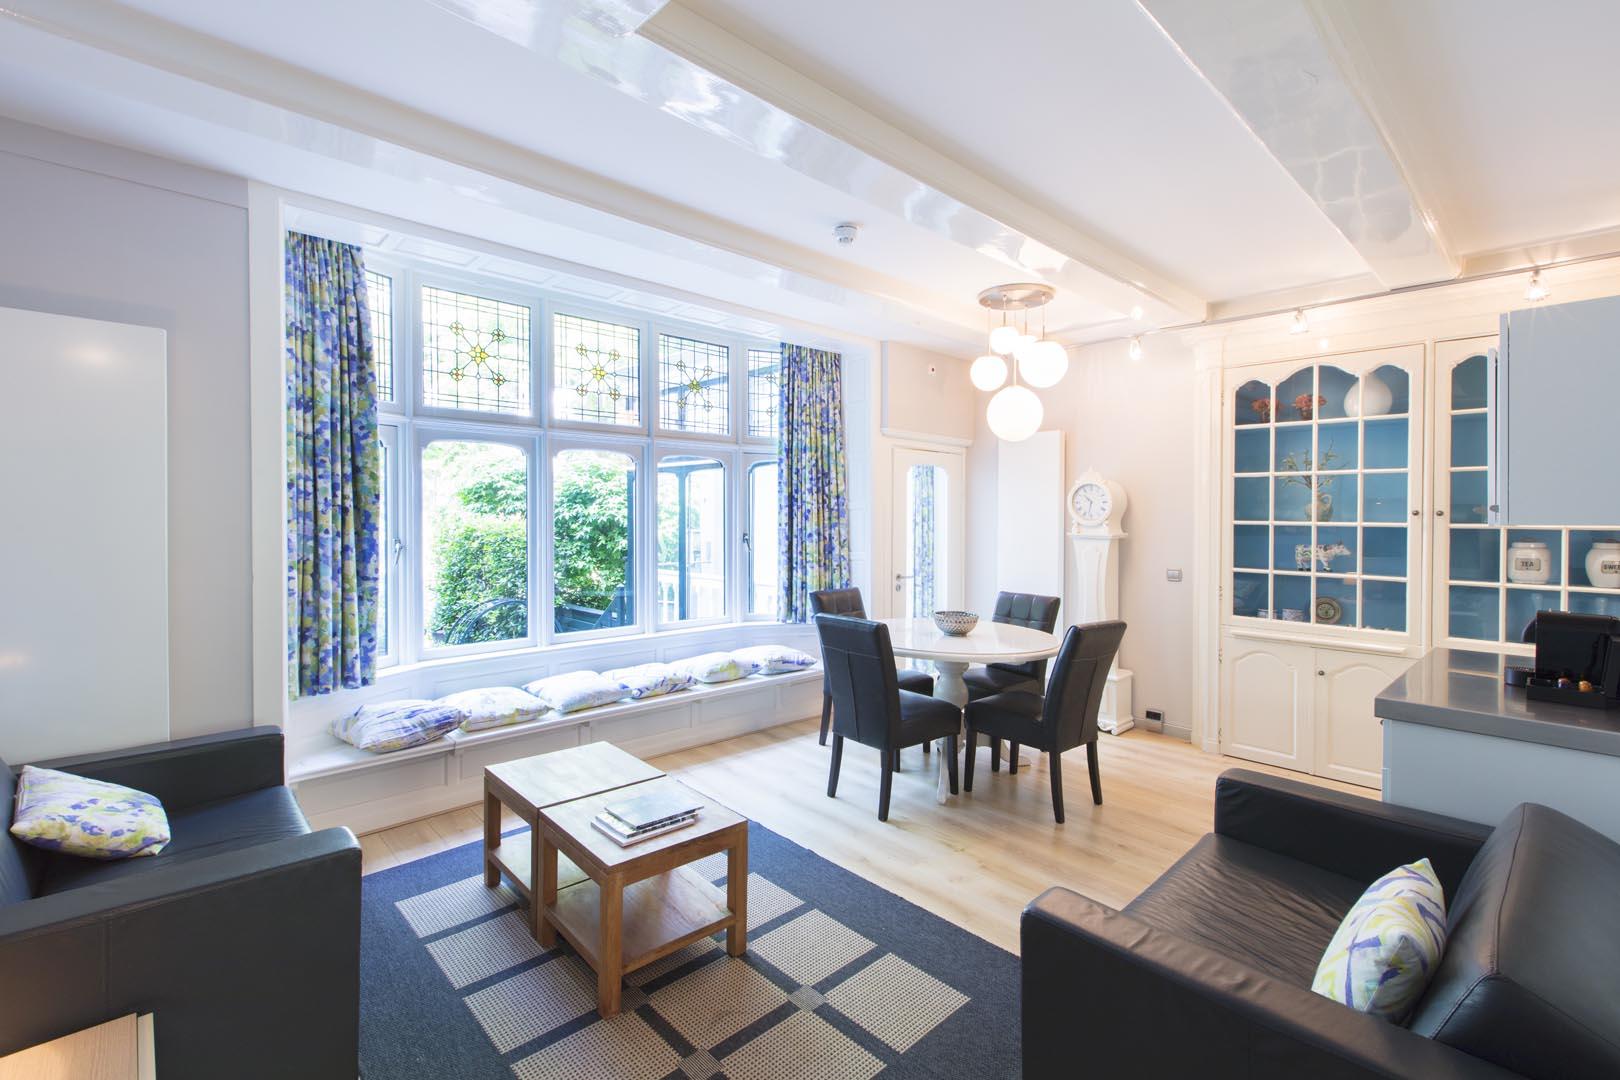 2017-07-06 DMA-Vincent van Gogh-Livingroom-Michael van Oosten-HR (1)